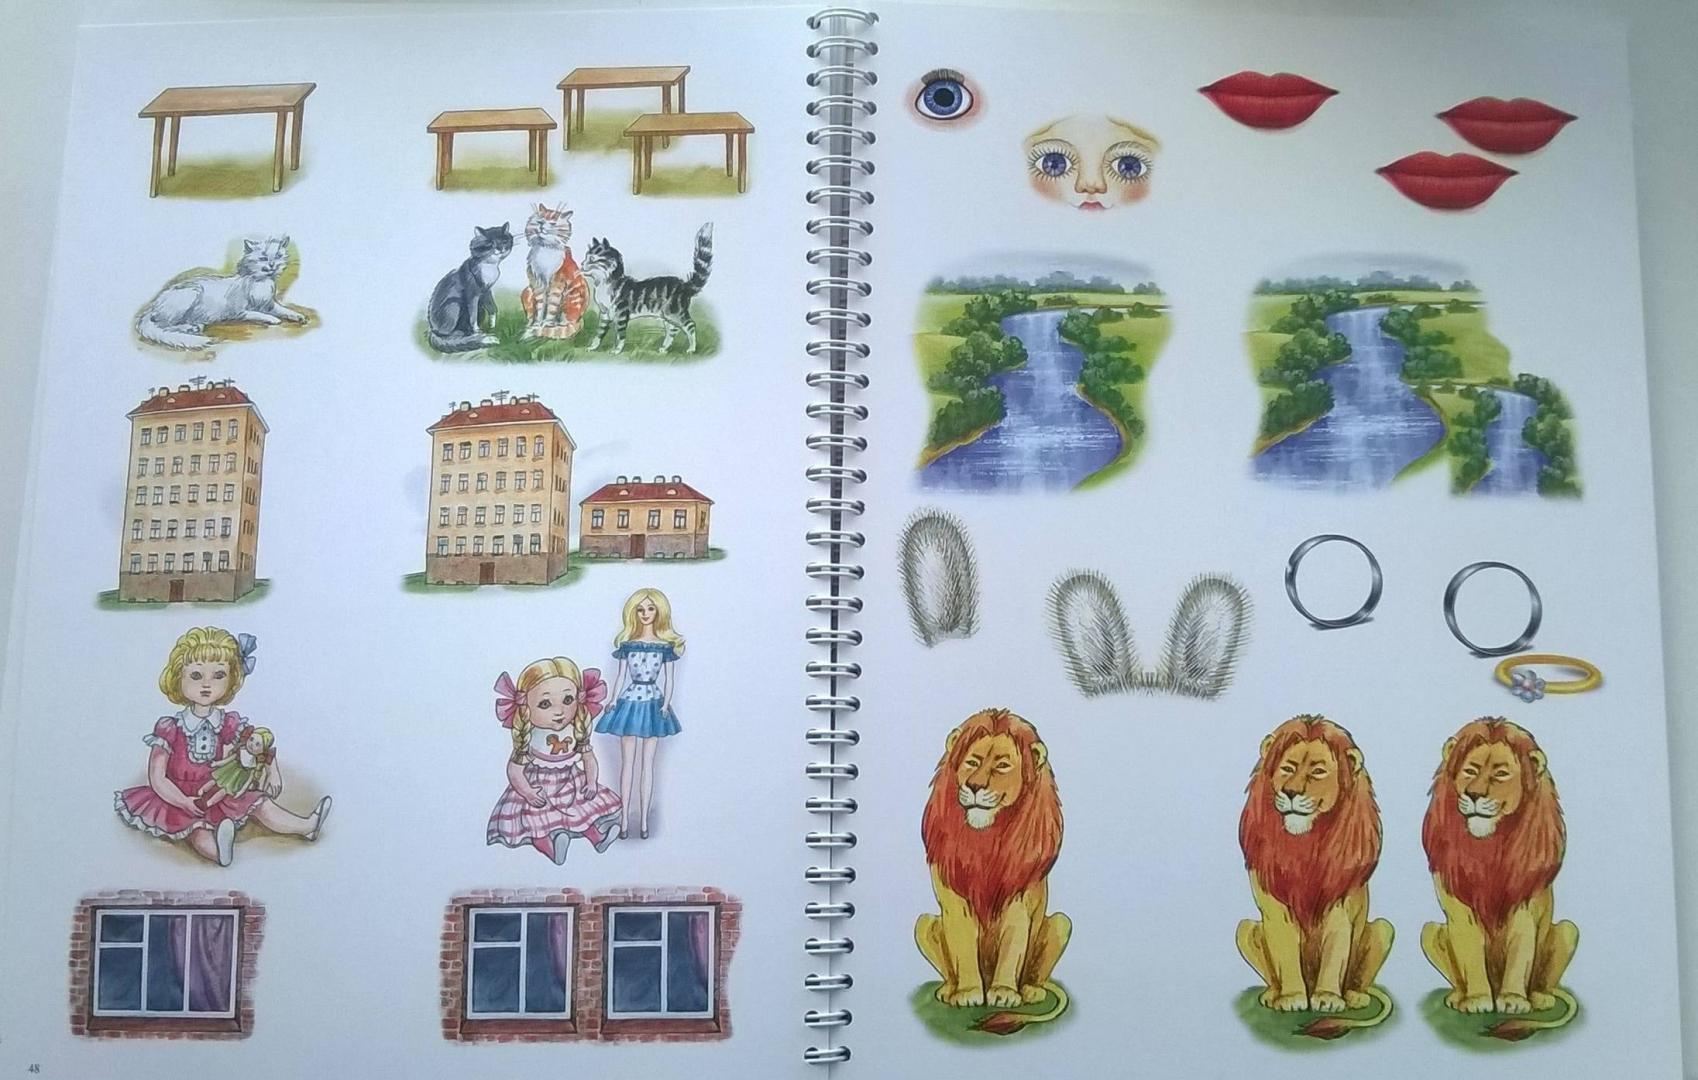 материалы для занятий с детьми в картинках ещё больше усилилась